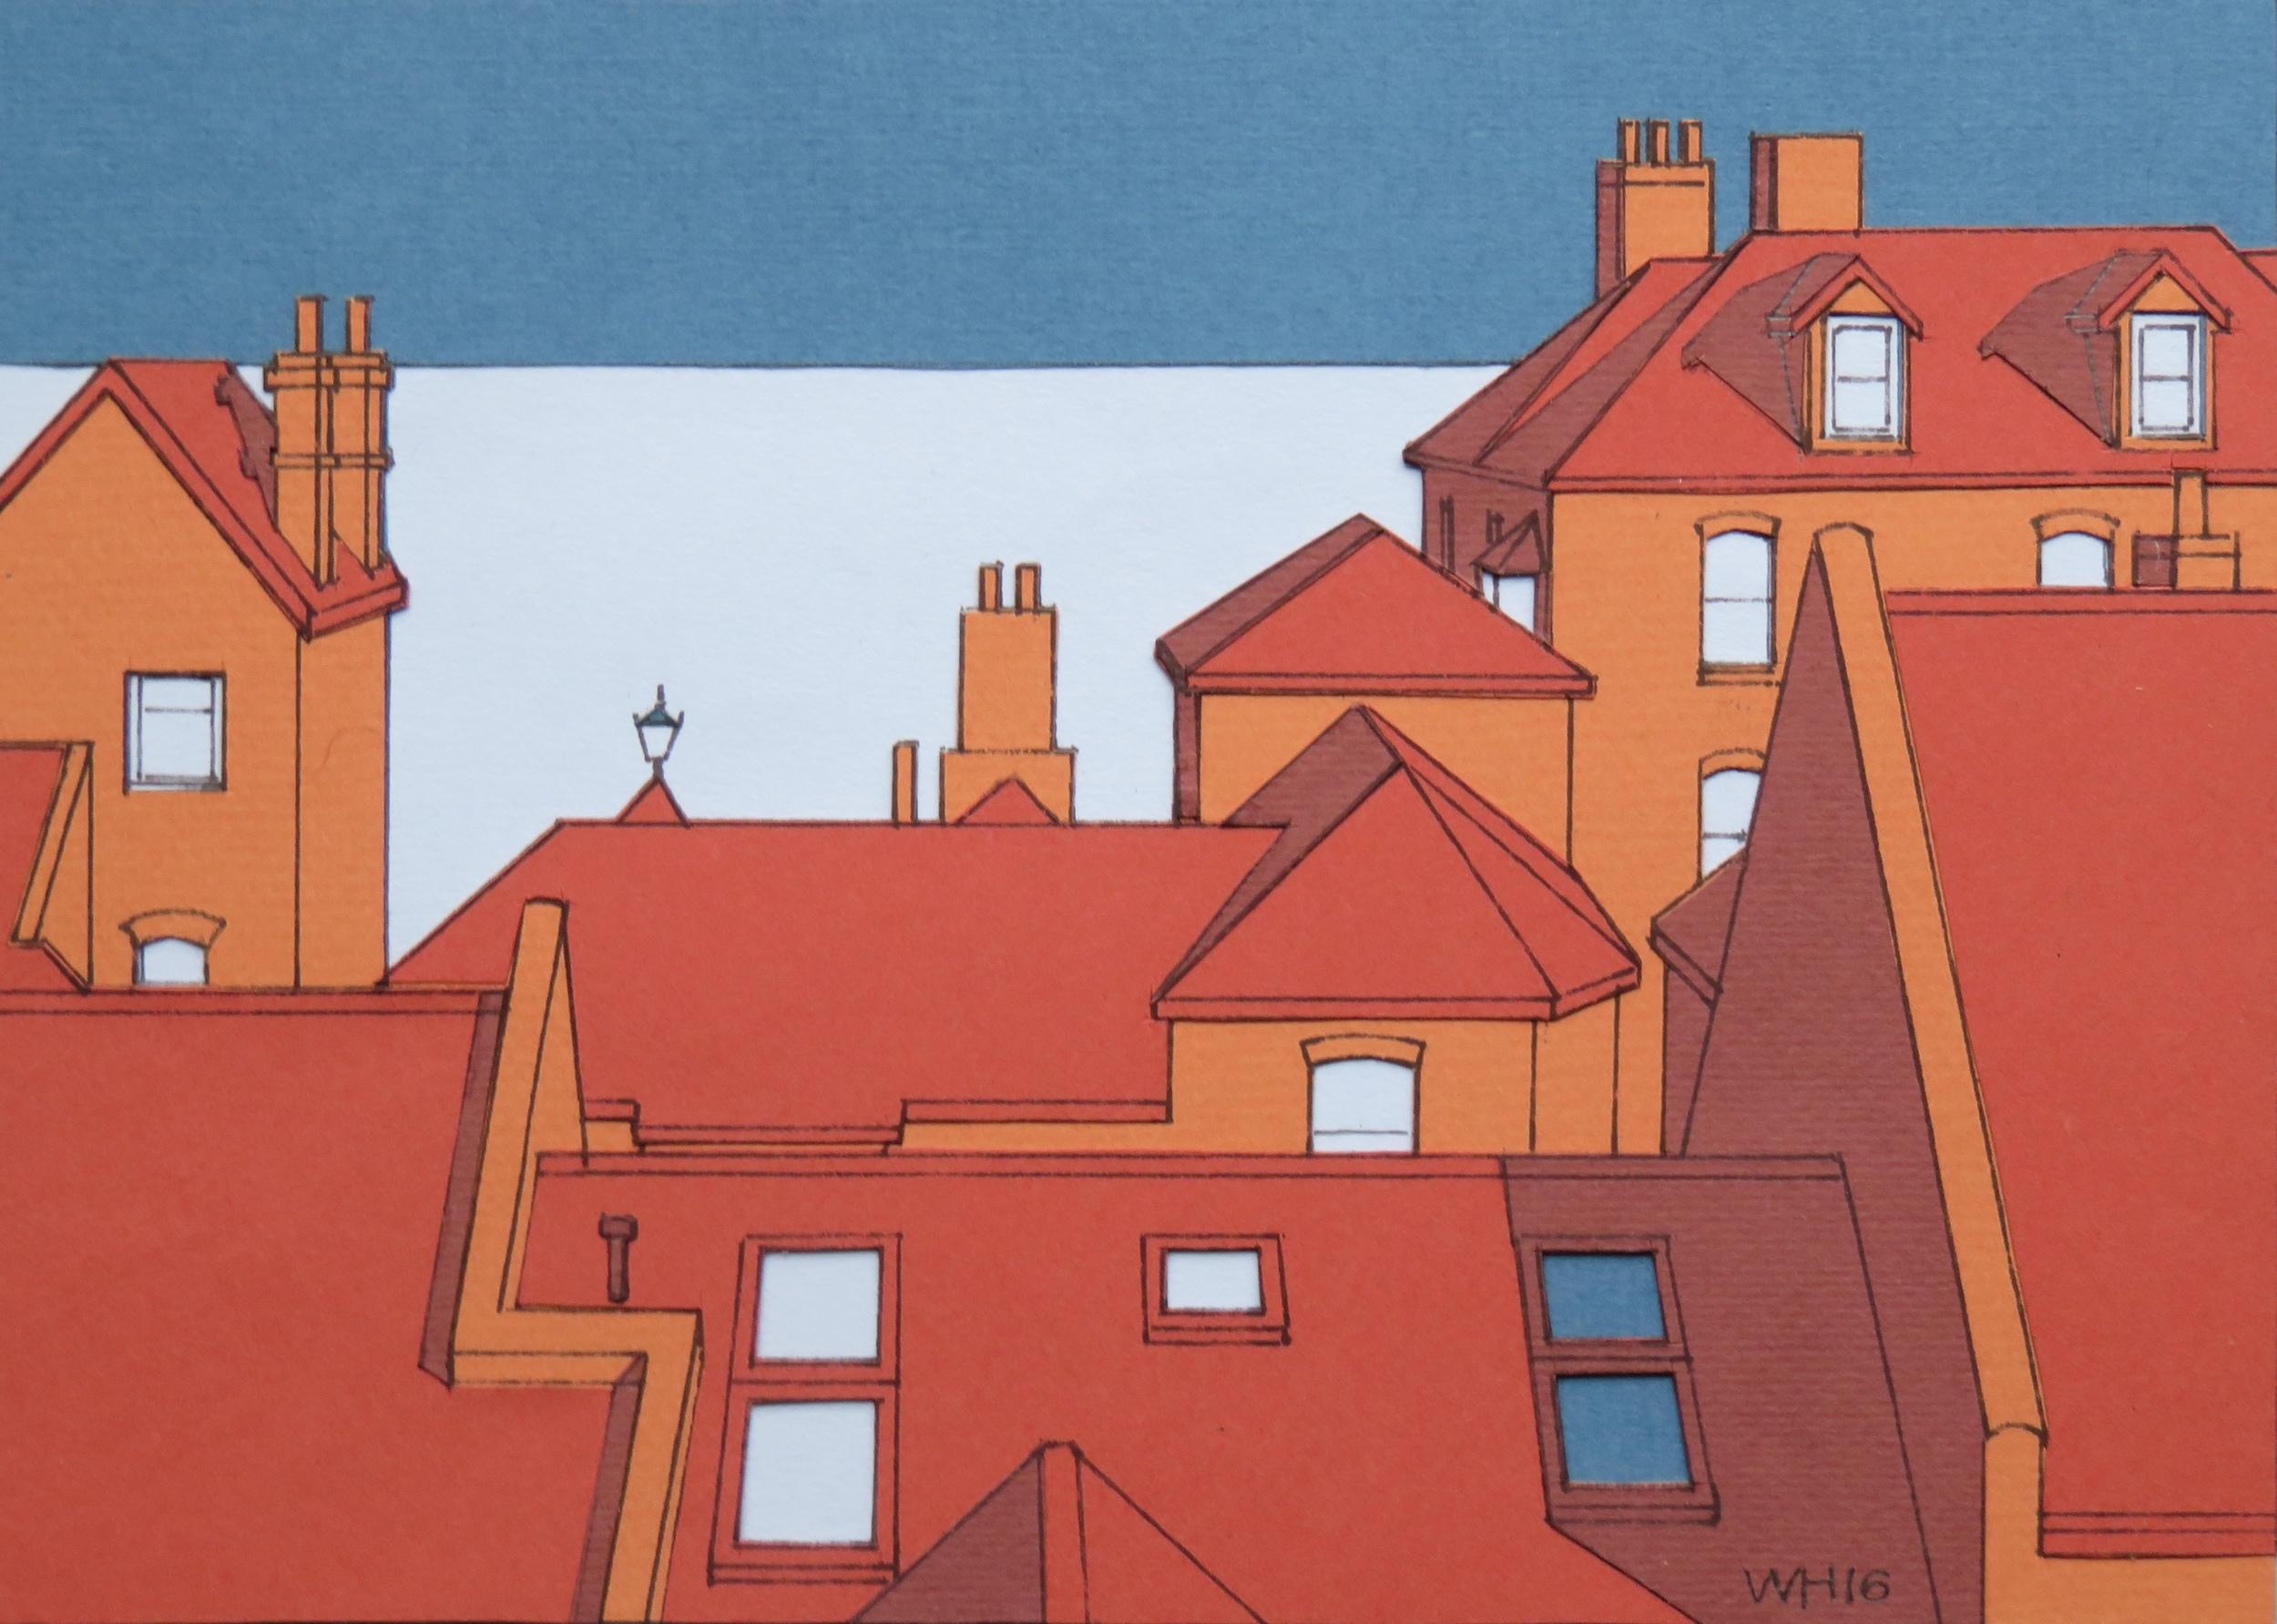 Aldeburgh Roofscape